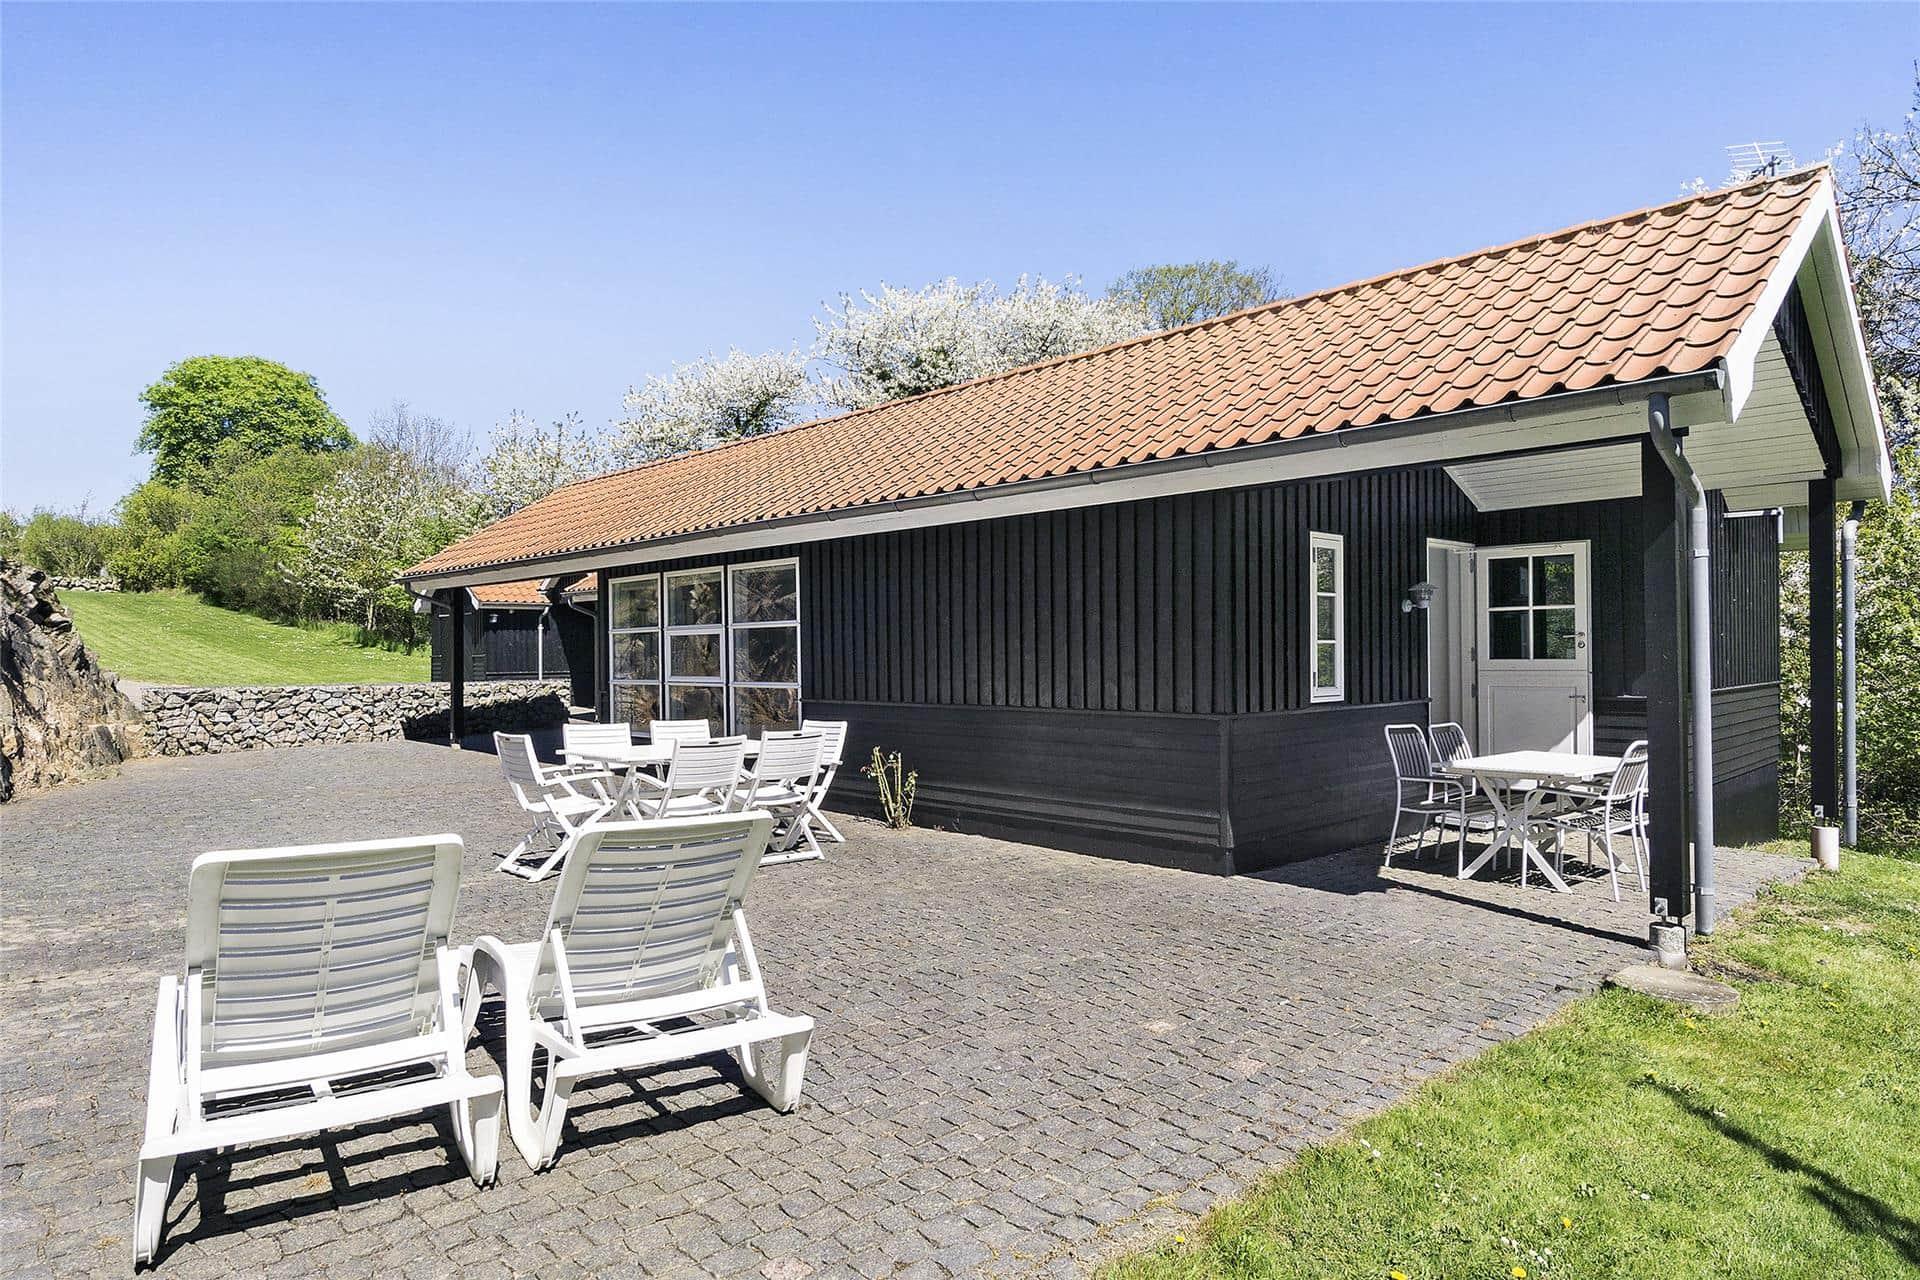 Afbeelding 1-10 Vakantiehuis 6661, Lundegårdsvej 7, DK - 3770 Allinge